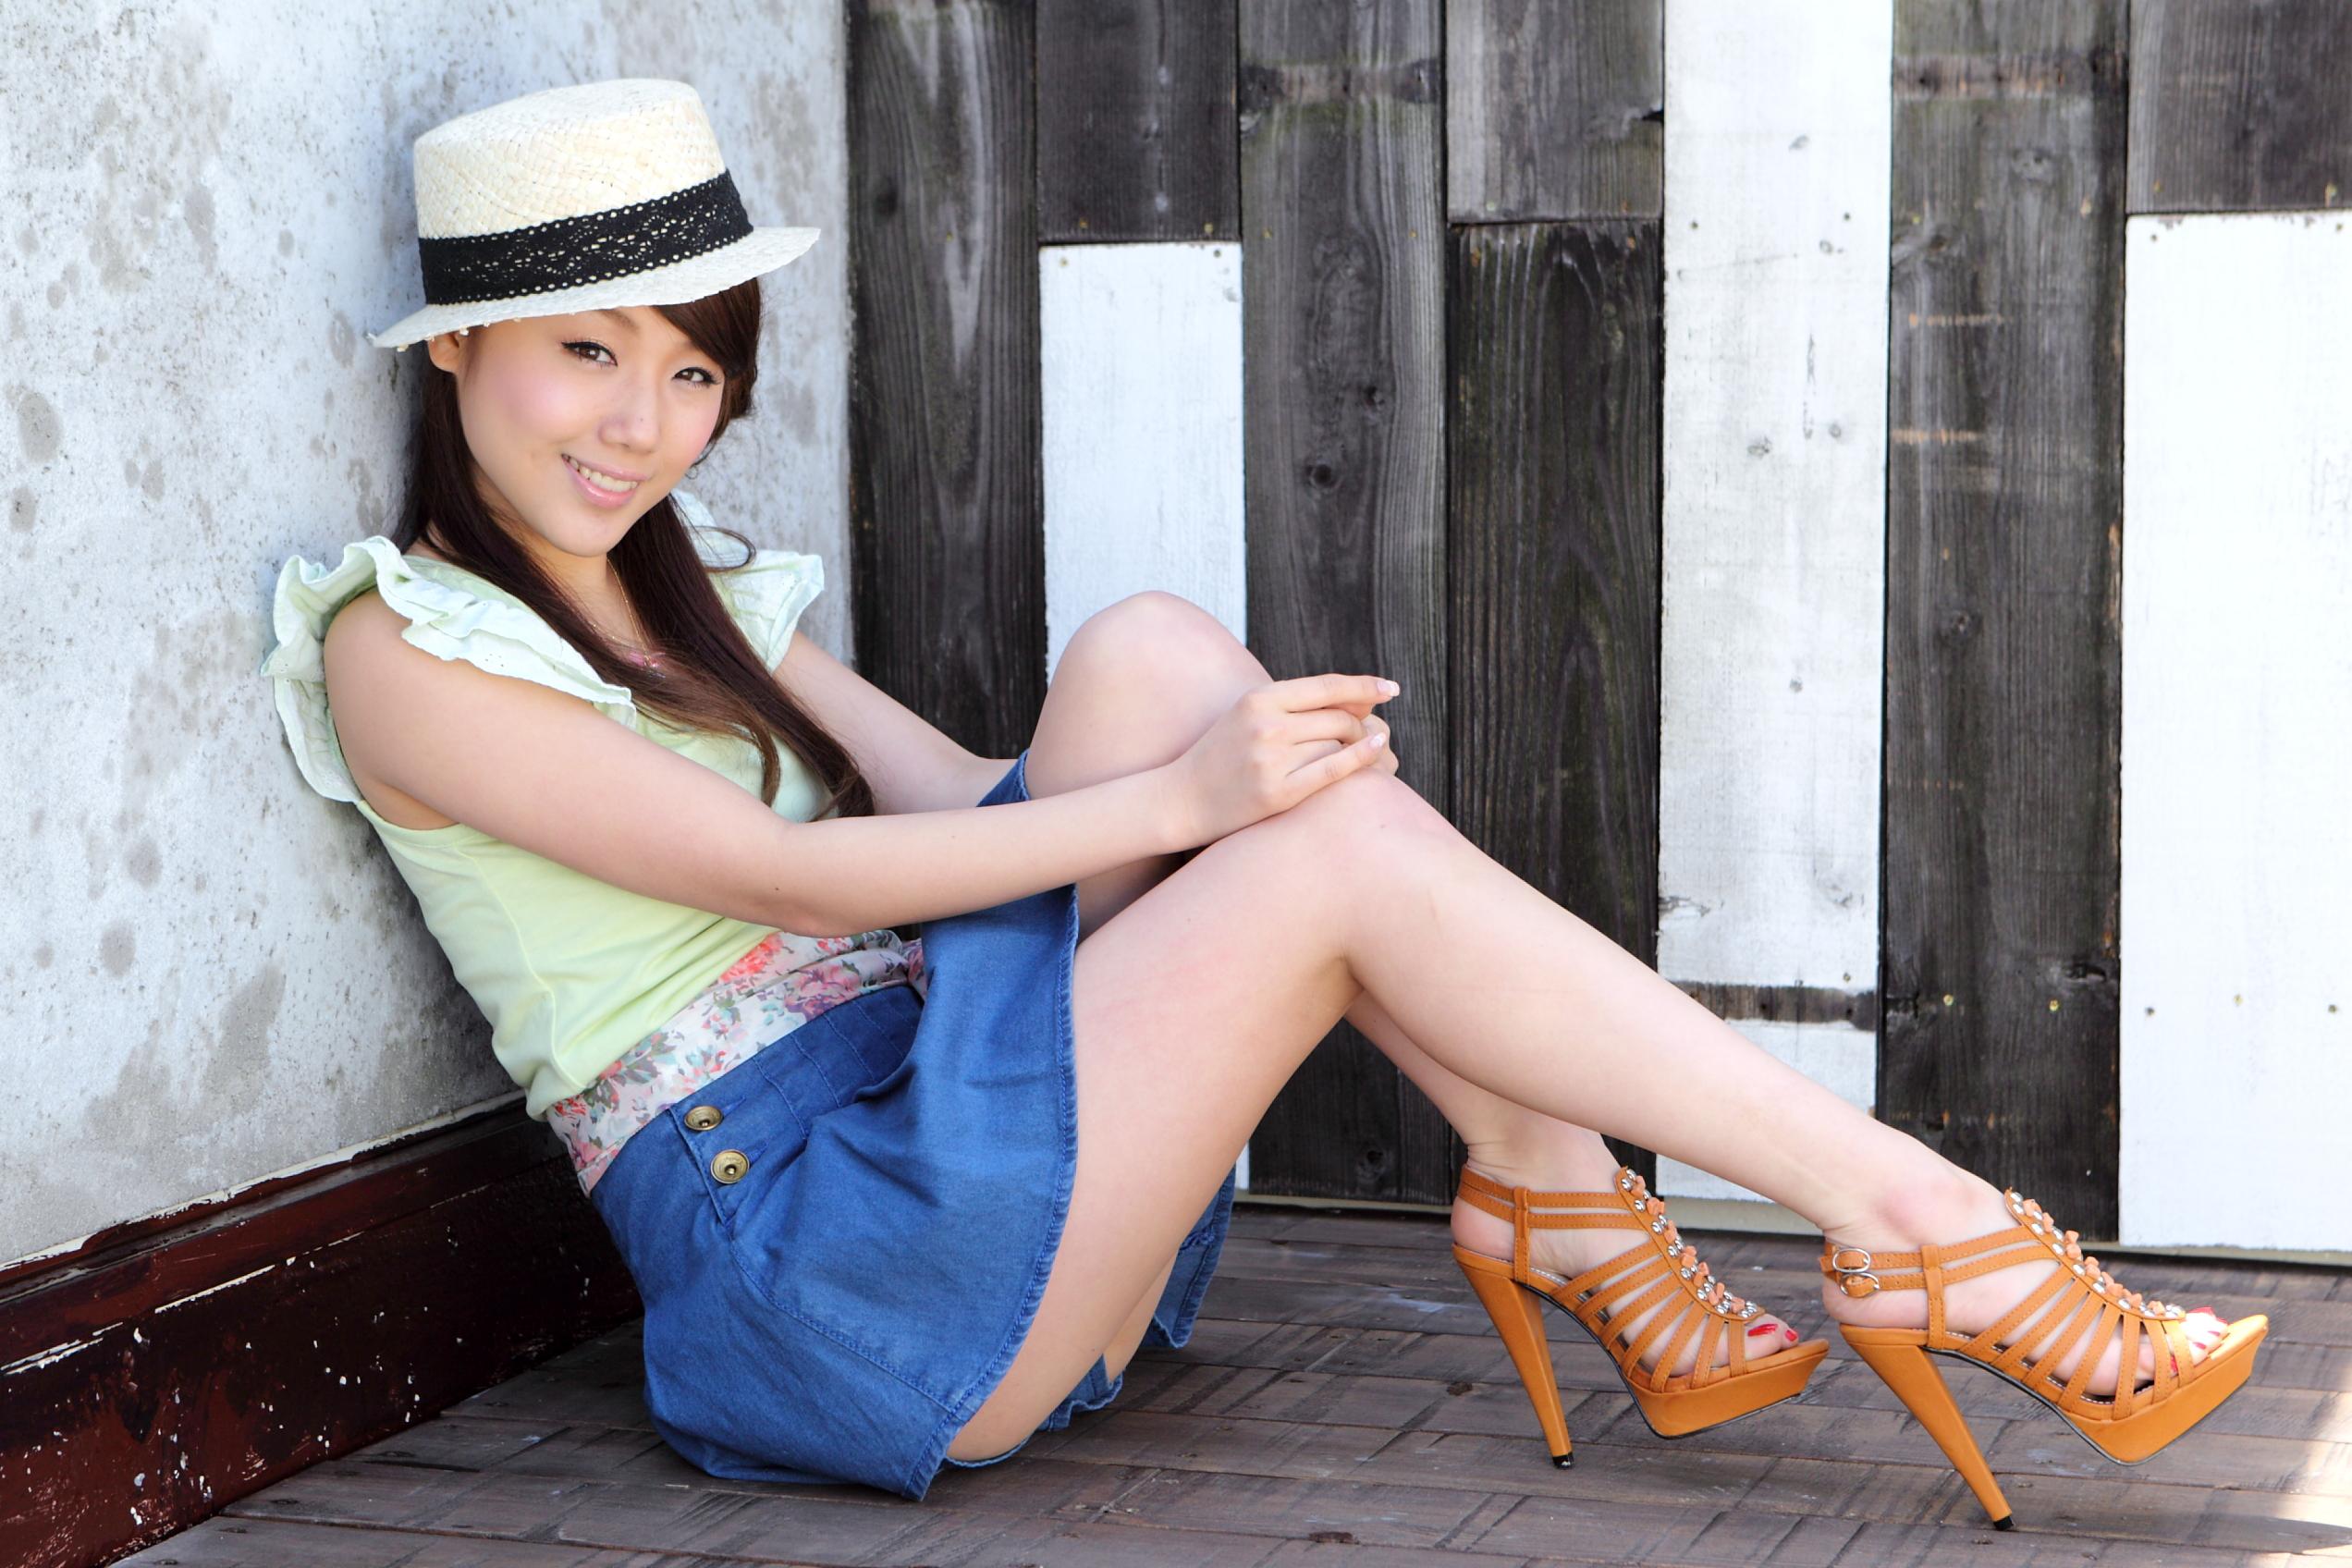 Watch Photogenic Weekend - Arisa Kimura